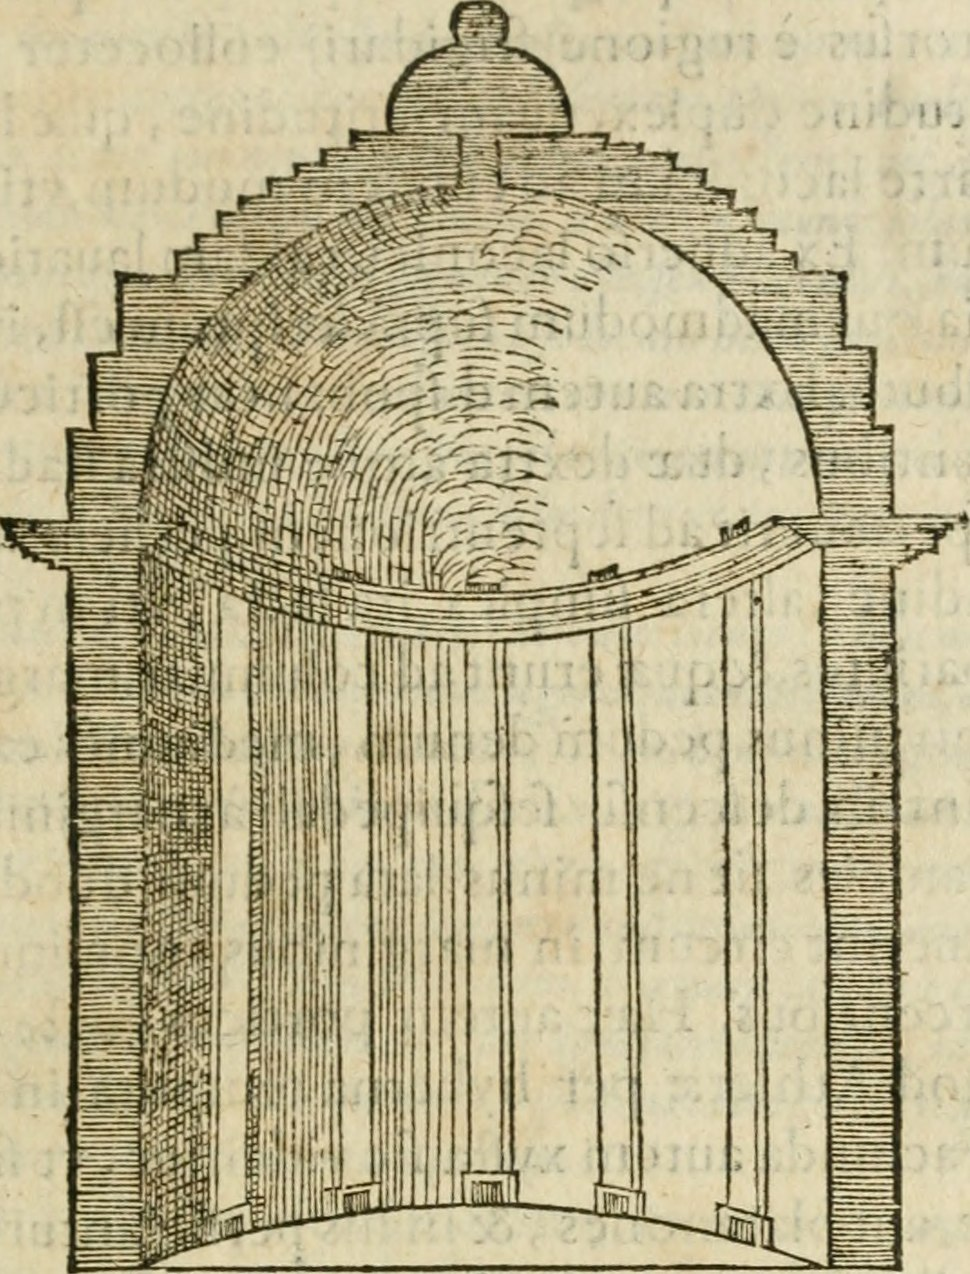 M. Vitrvvii Pollionis De architectvra libri decem, ad Caes. Avgvstvm, omnibus omnium editionibus longè emendatiores, collatis veteribus exemplis (1586) (14597195818)